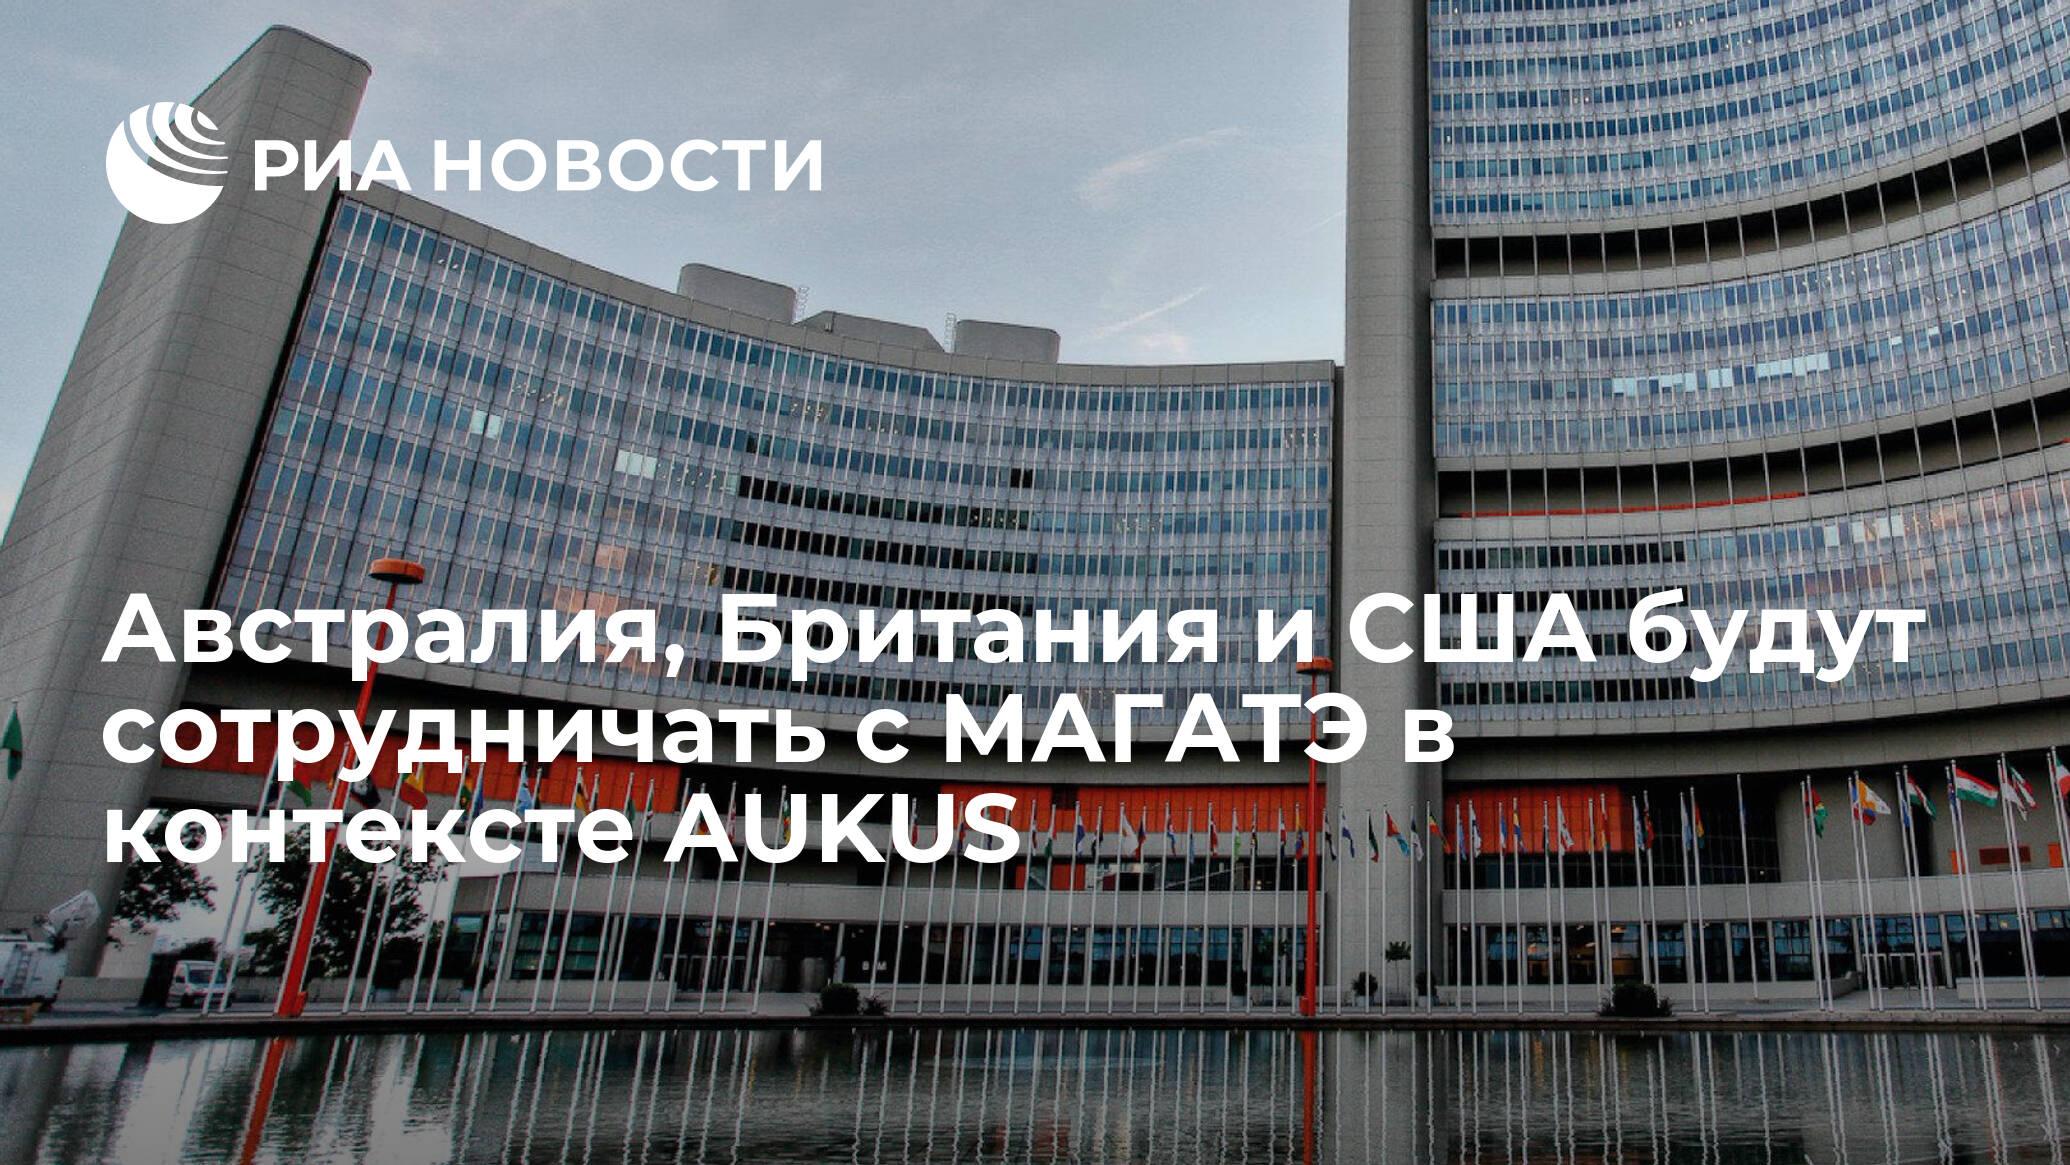 Австралия, Британия и США будут сотрудничать с МАГАТЭ в контексте AUKUS